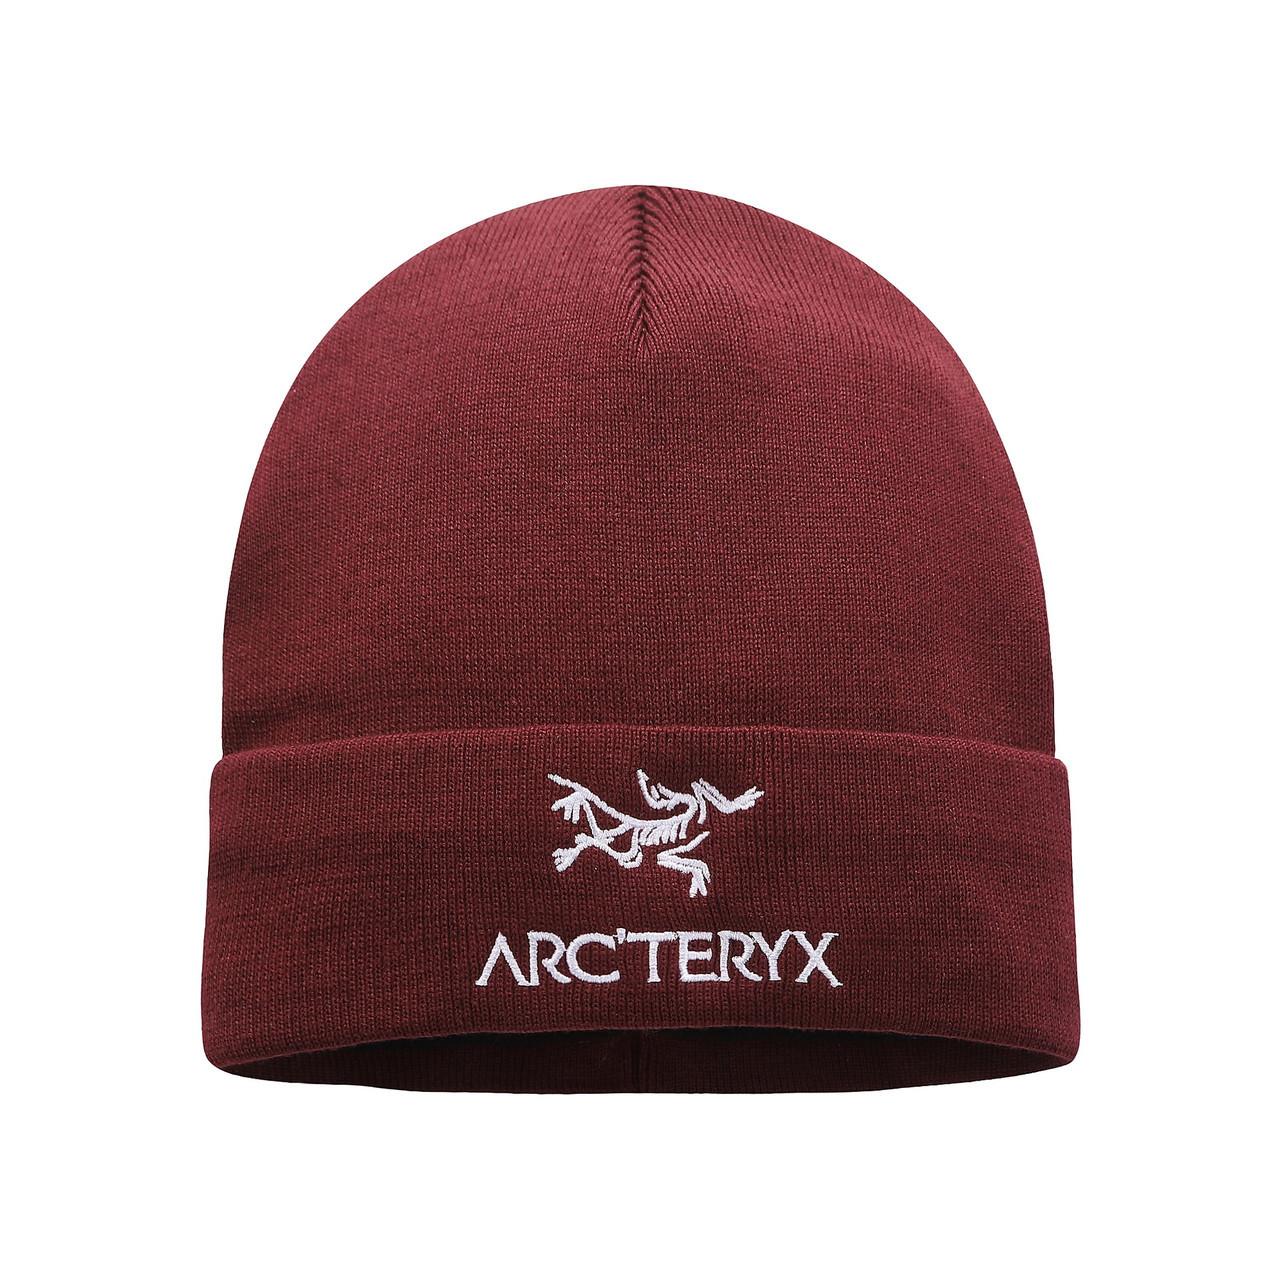 Шапка Arc'teryx для дорослих і підлітків шапки арктерикс